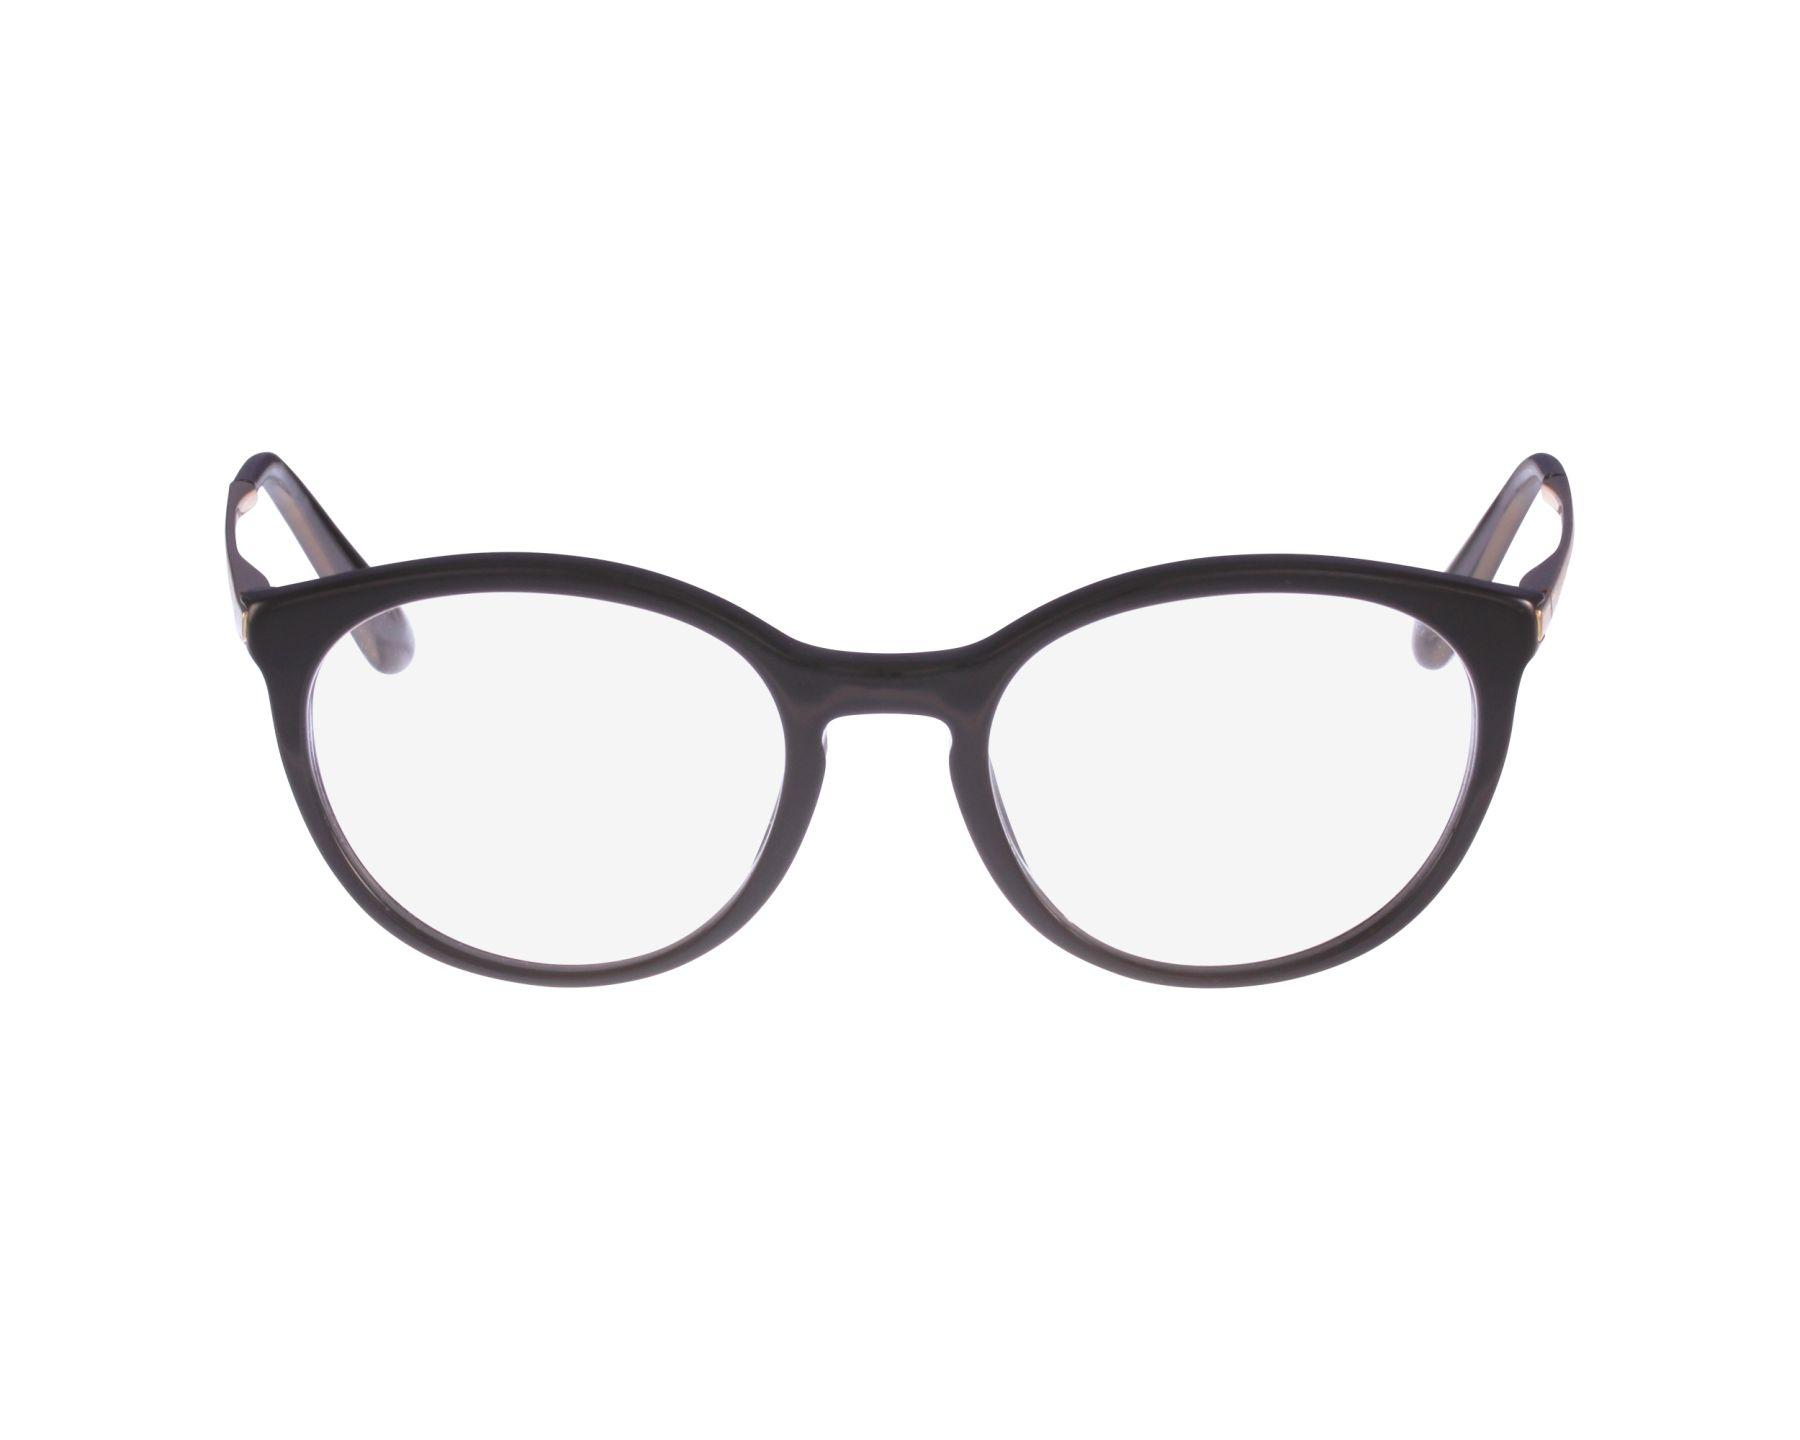 Eyeglasses Bettereyewear Daftar Harga Gabbana 3242 Dg3242 Dolce TwOkiPXZu